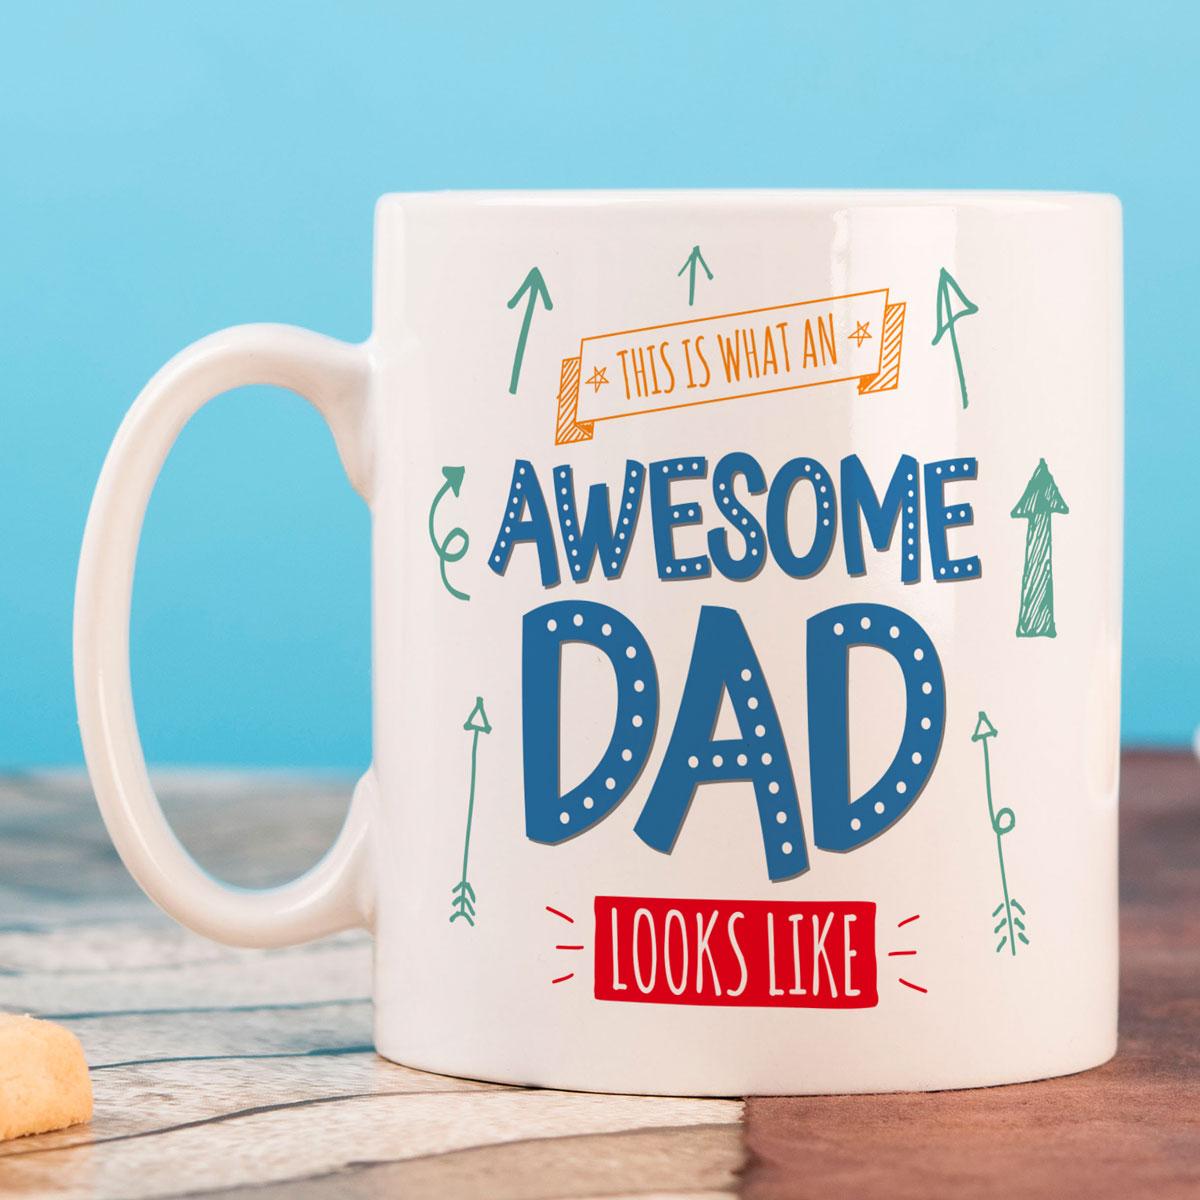 Personalised Mug - Awesome Dad